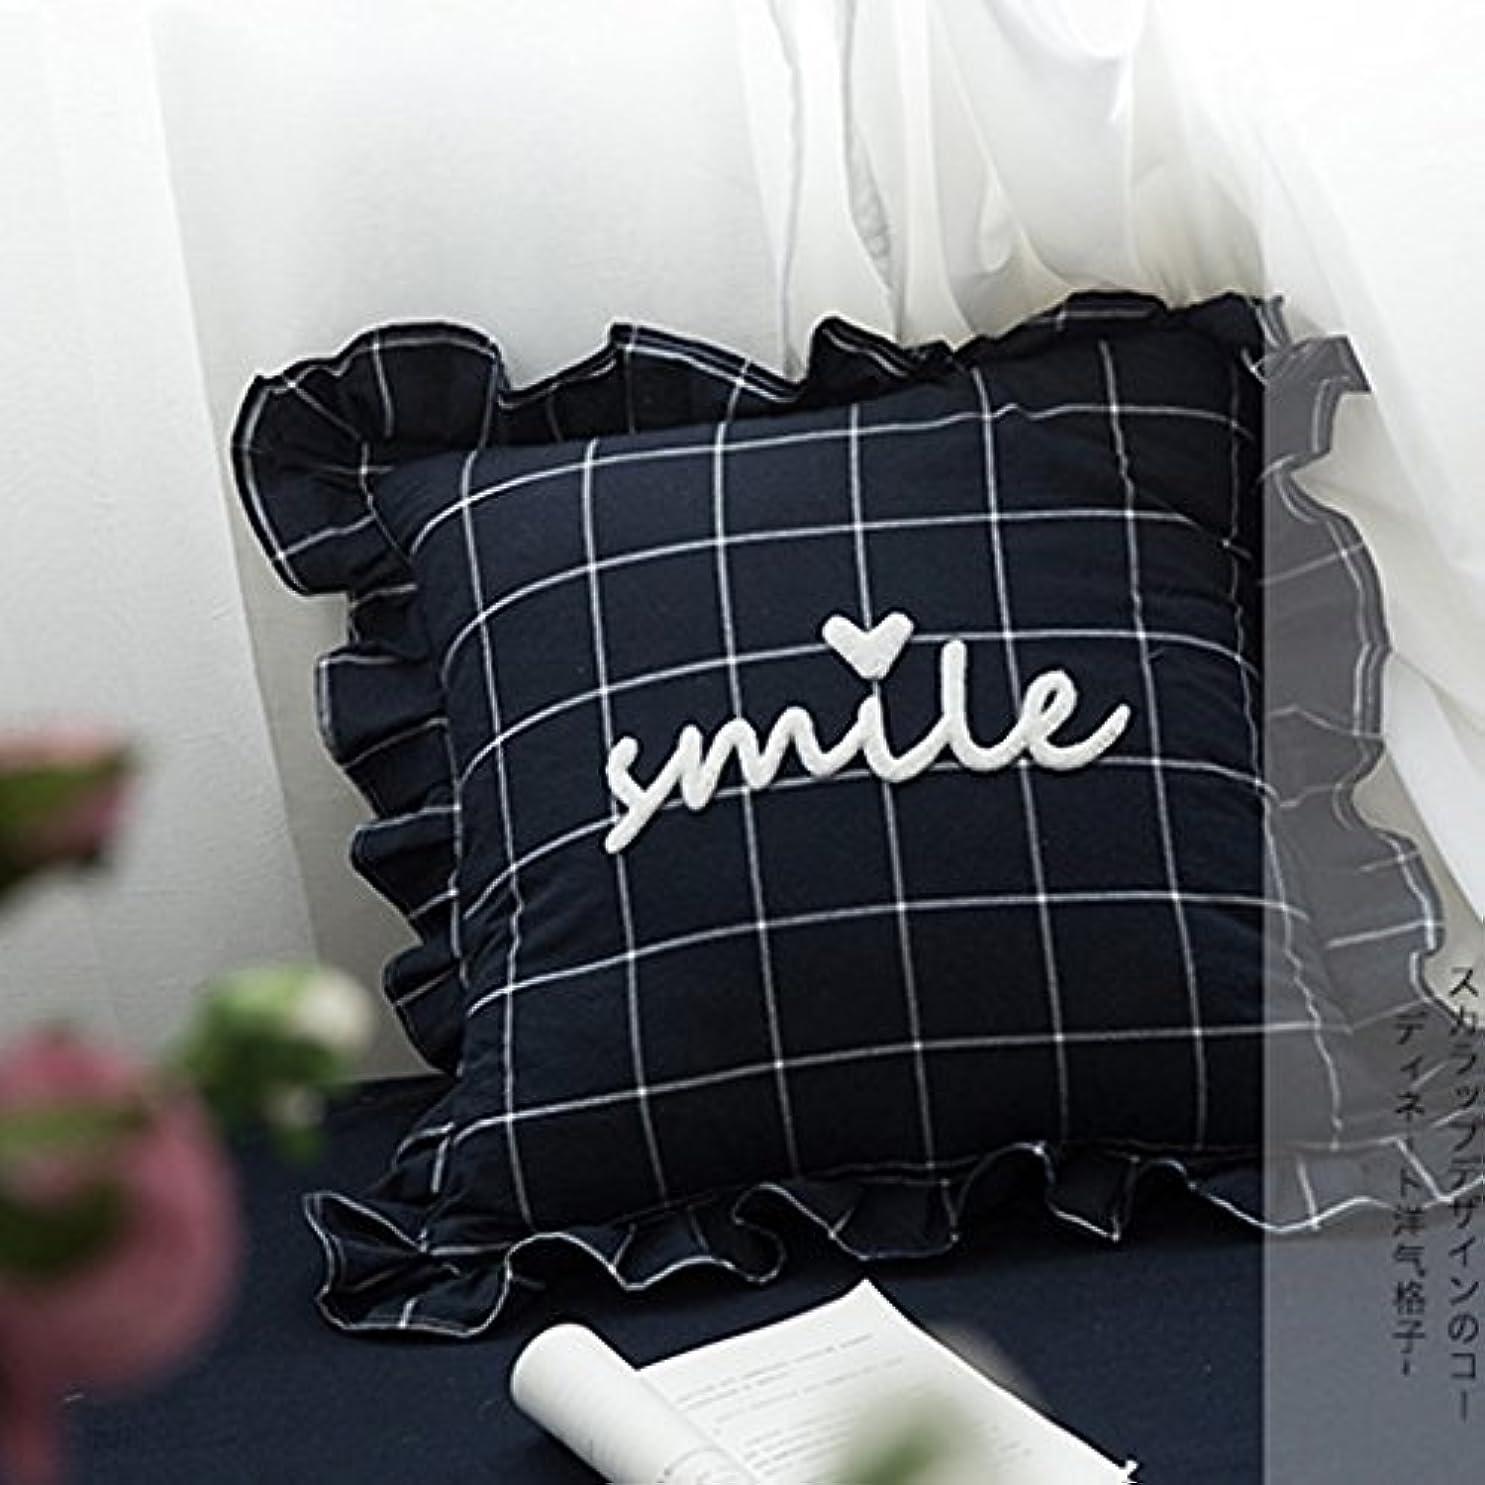 古くなったはげ統計ソファーベッドの家の装飾のための古典的な格子縞の正方形の枕クッション - 青